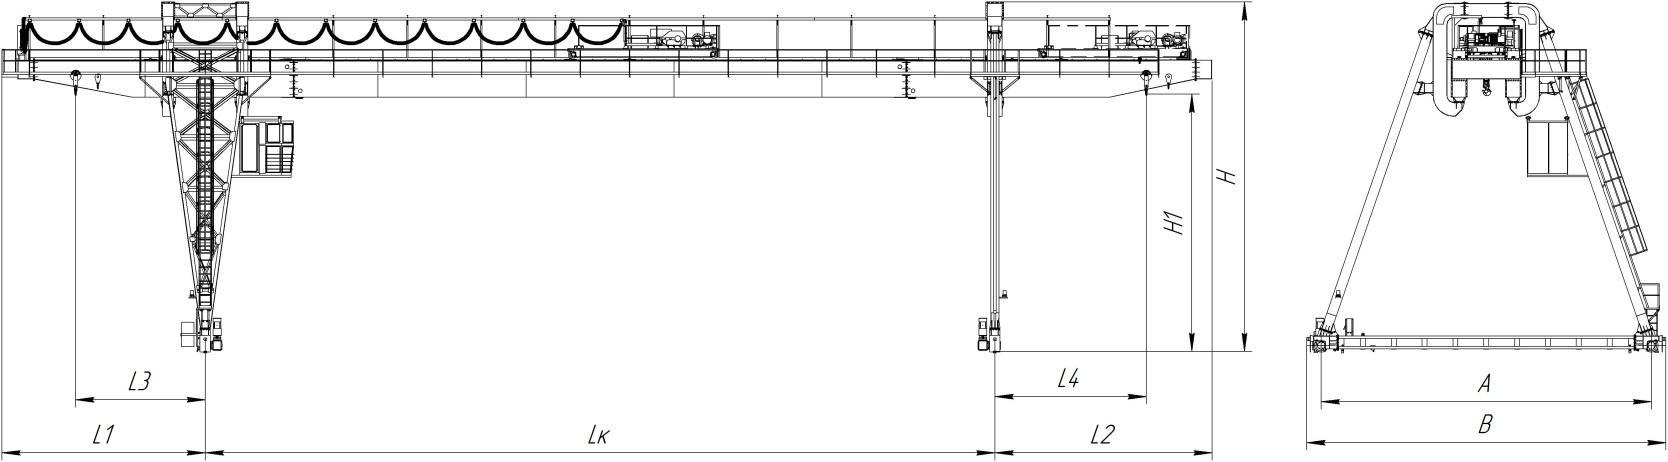 Краны козловые двухбалочные , управление из кабины, режим работы А3